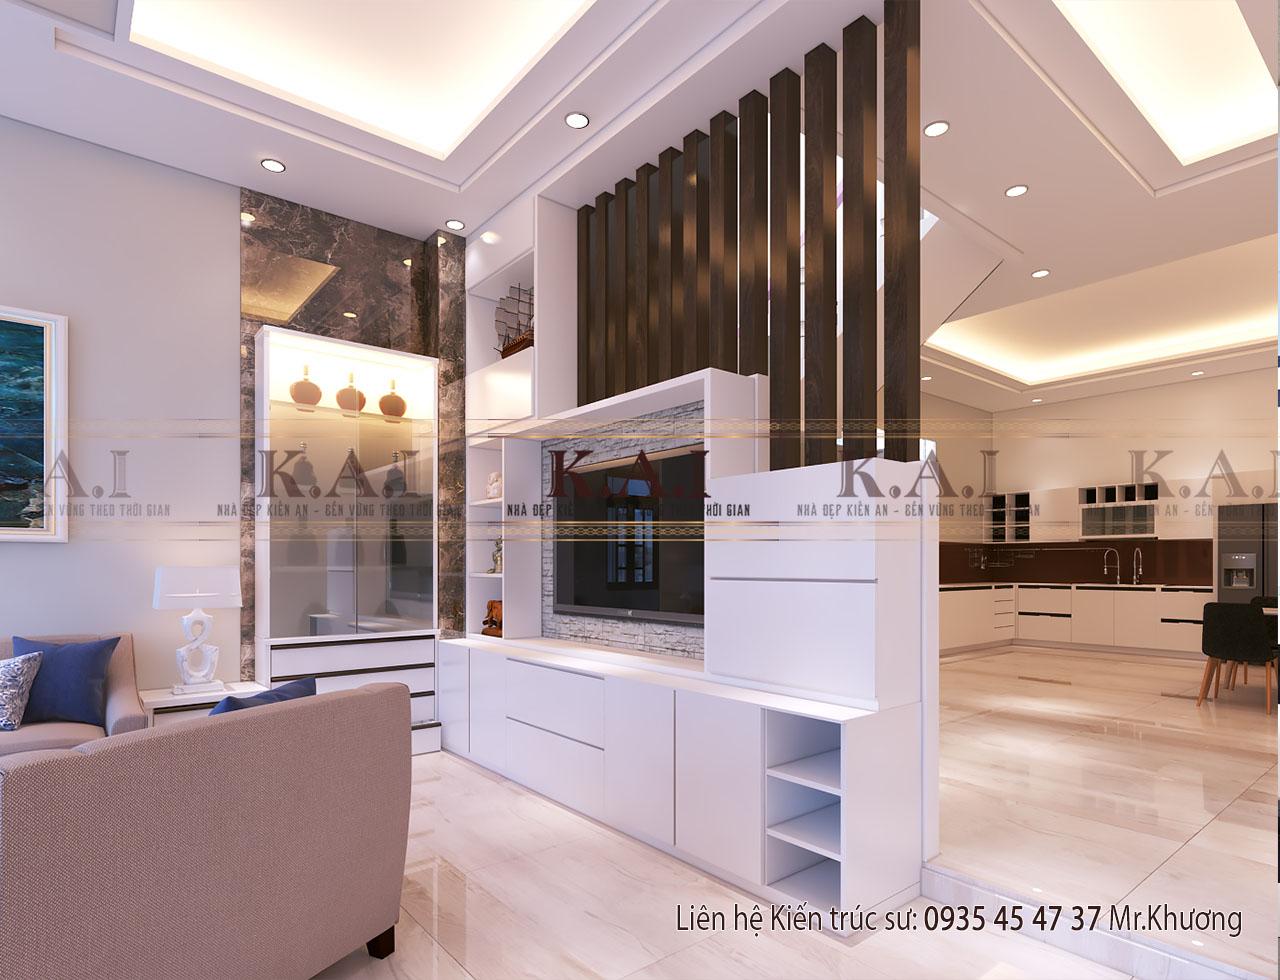 thiết kế nội thất nhà hiện đại